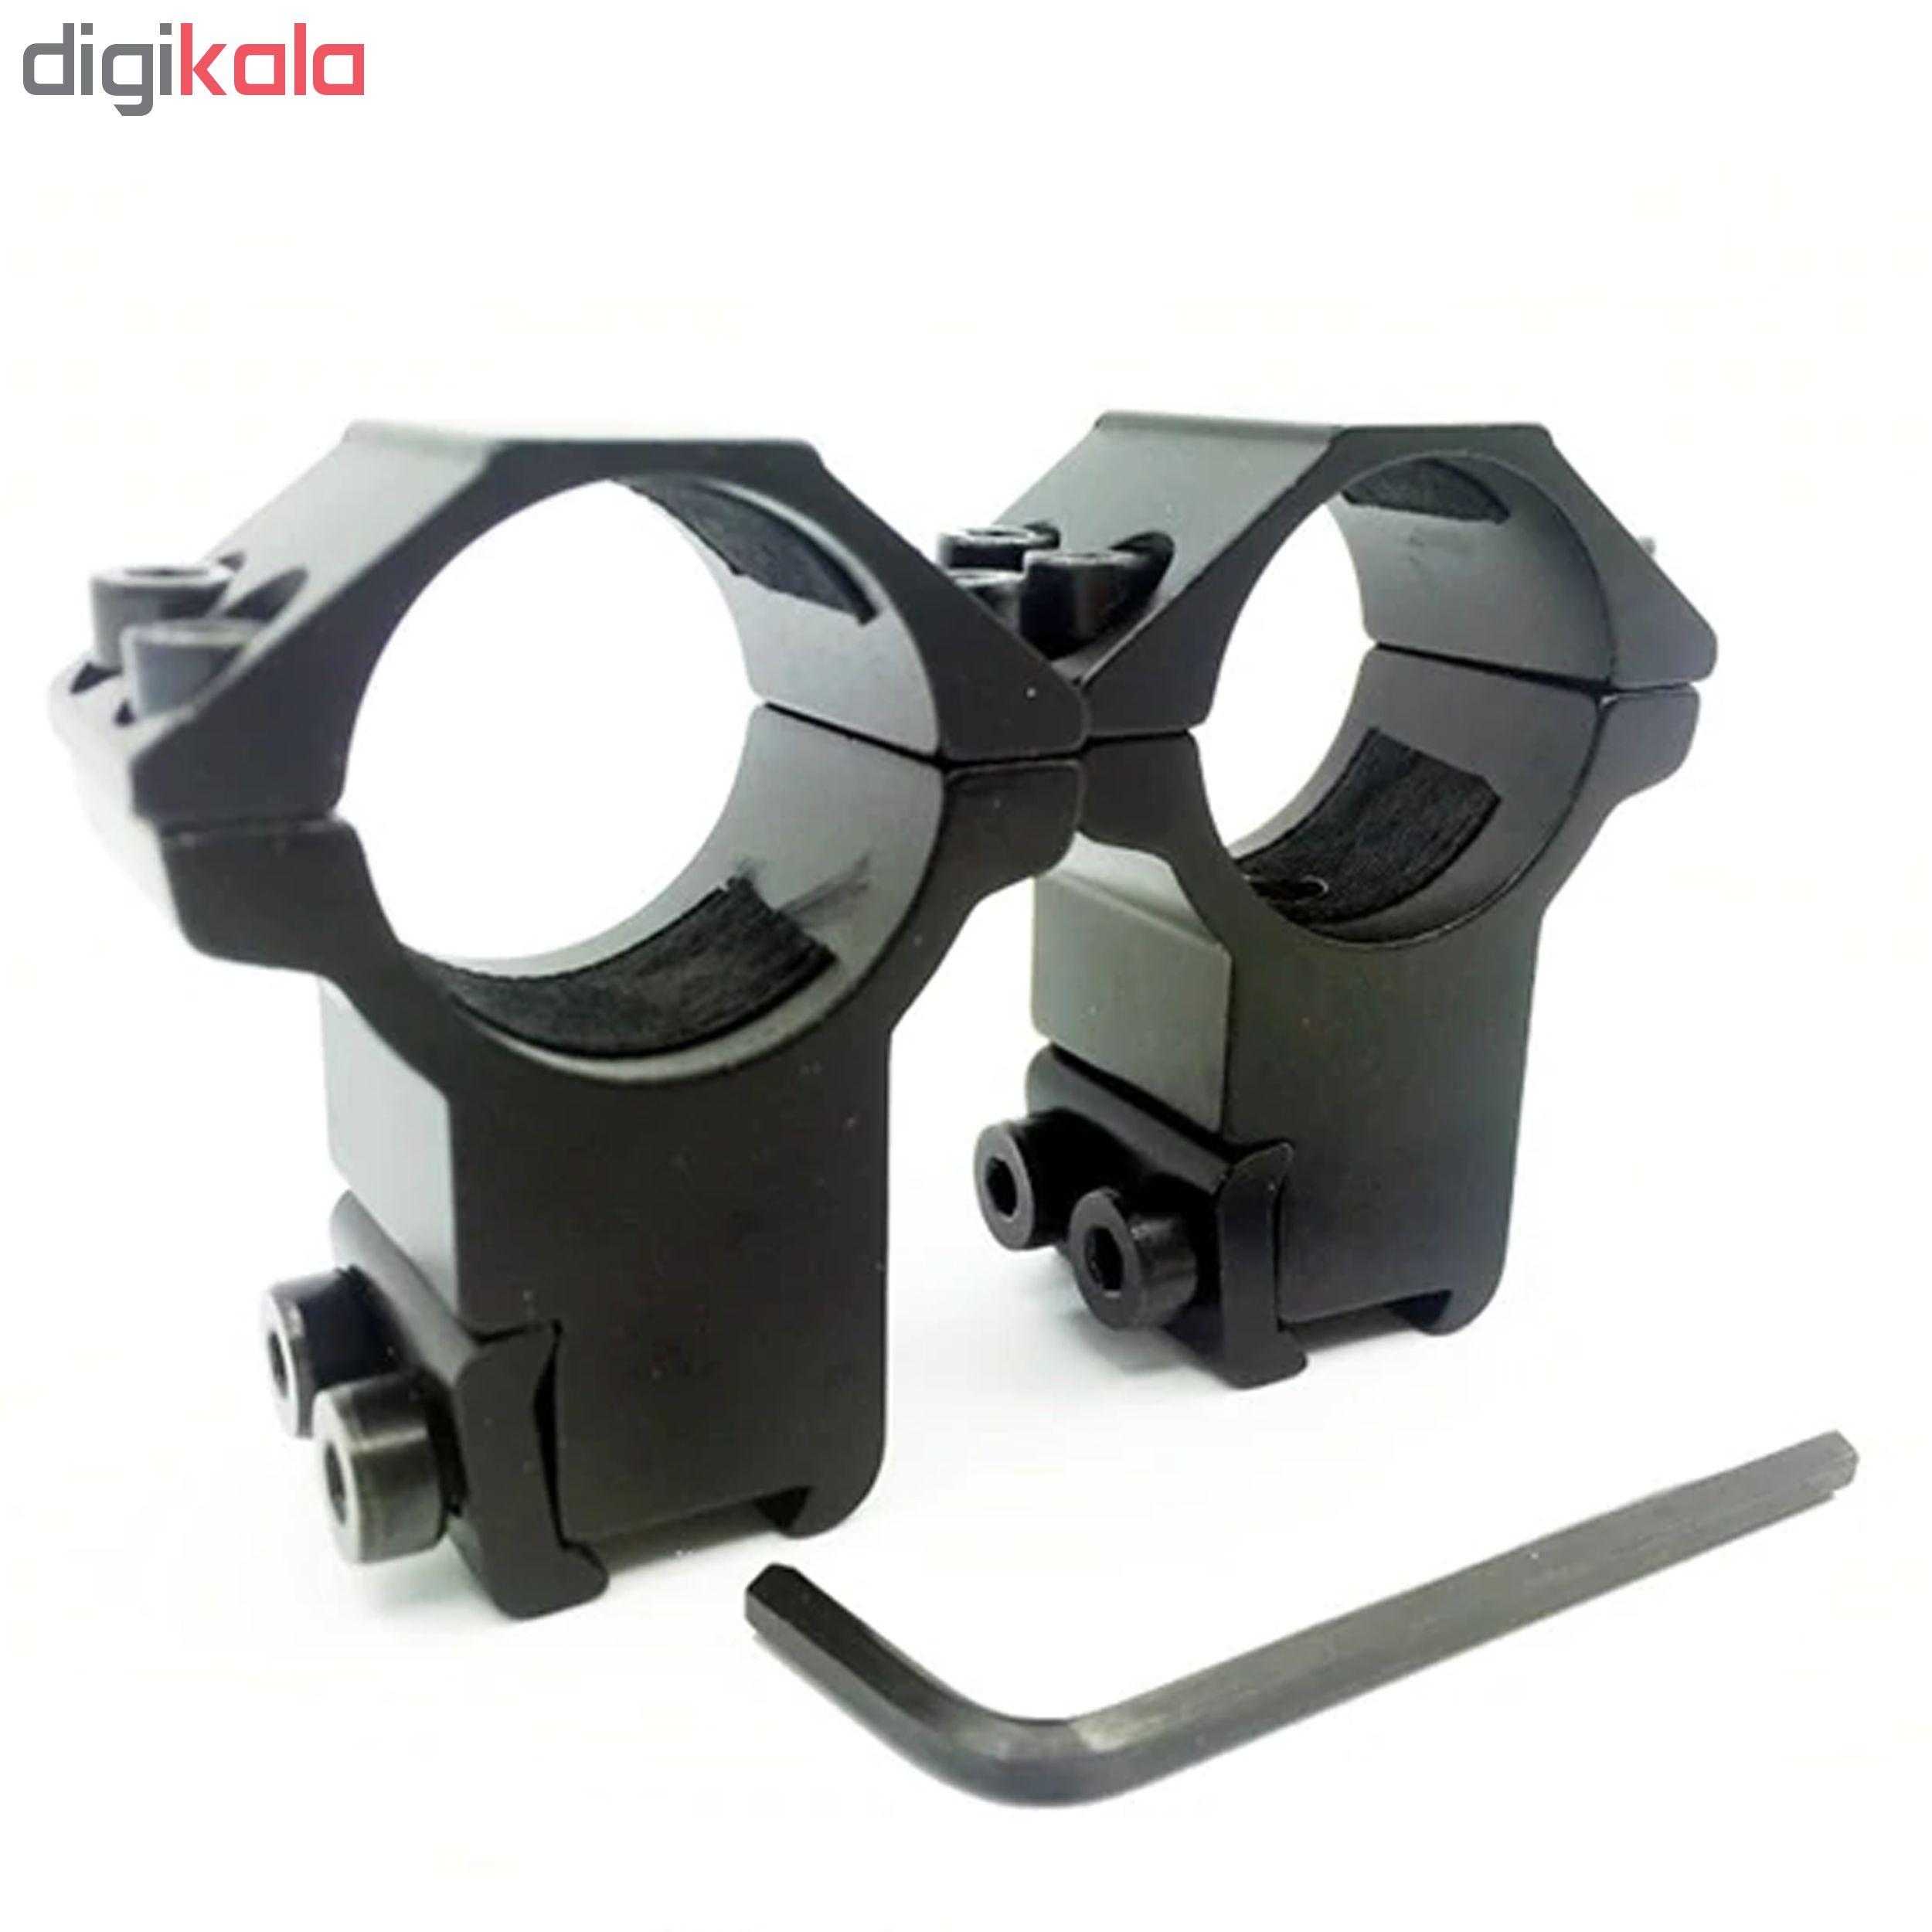 دوربین تفنگ هاوک کد 50-16-4  IR-OA